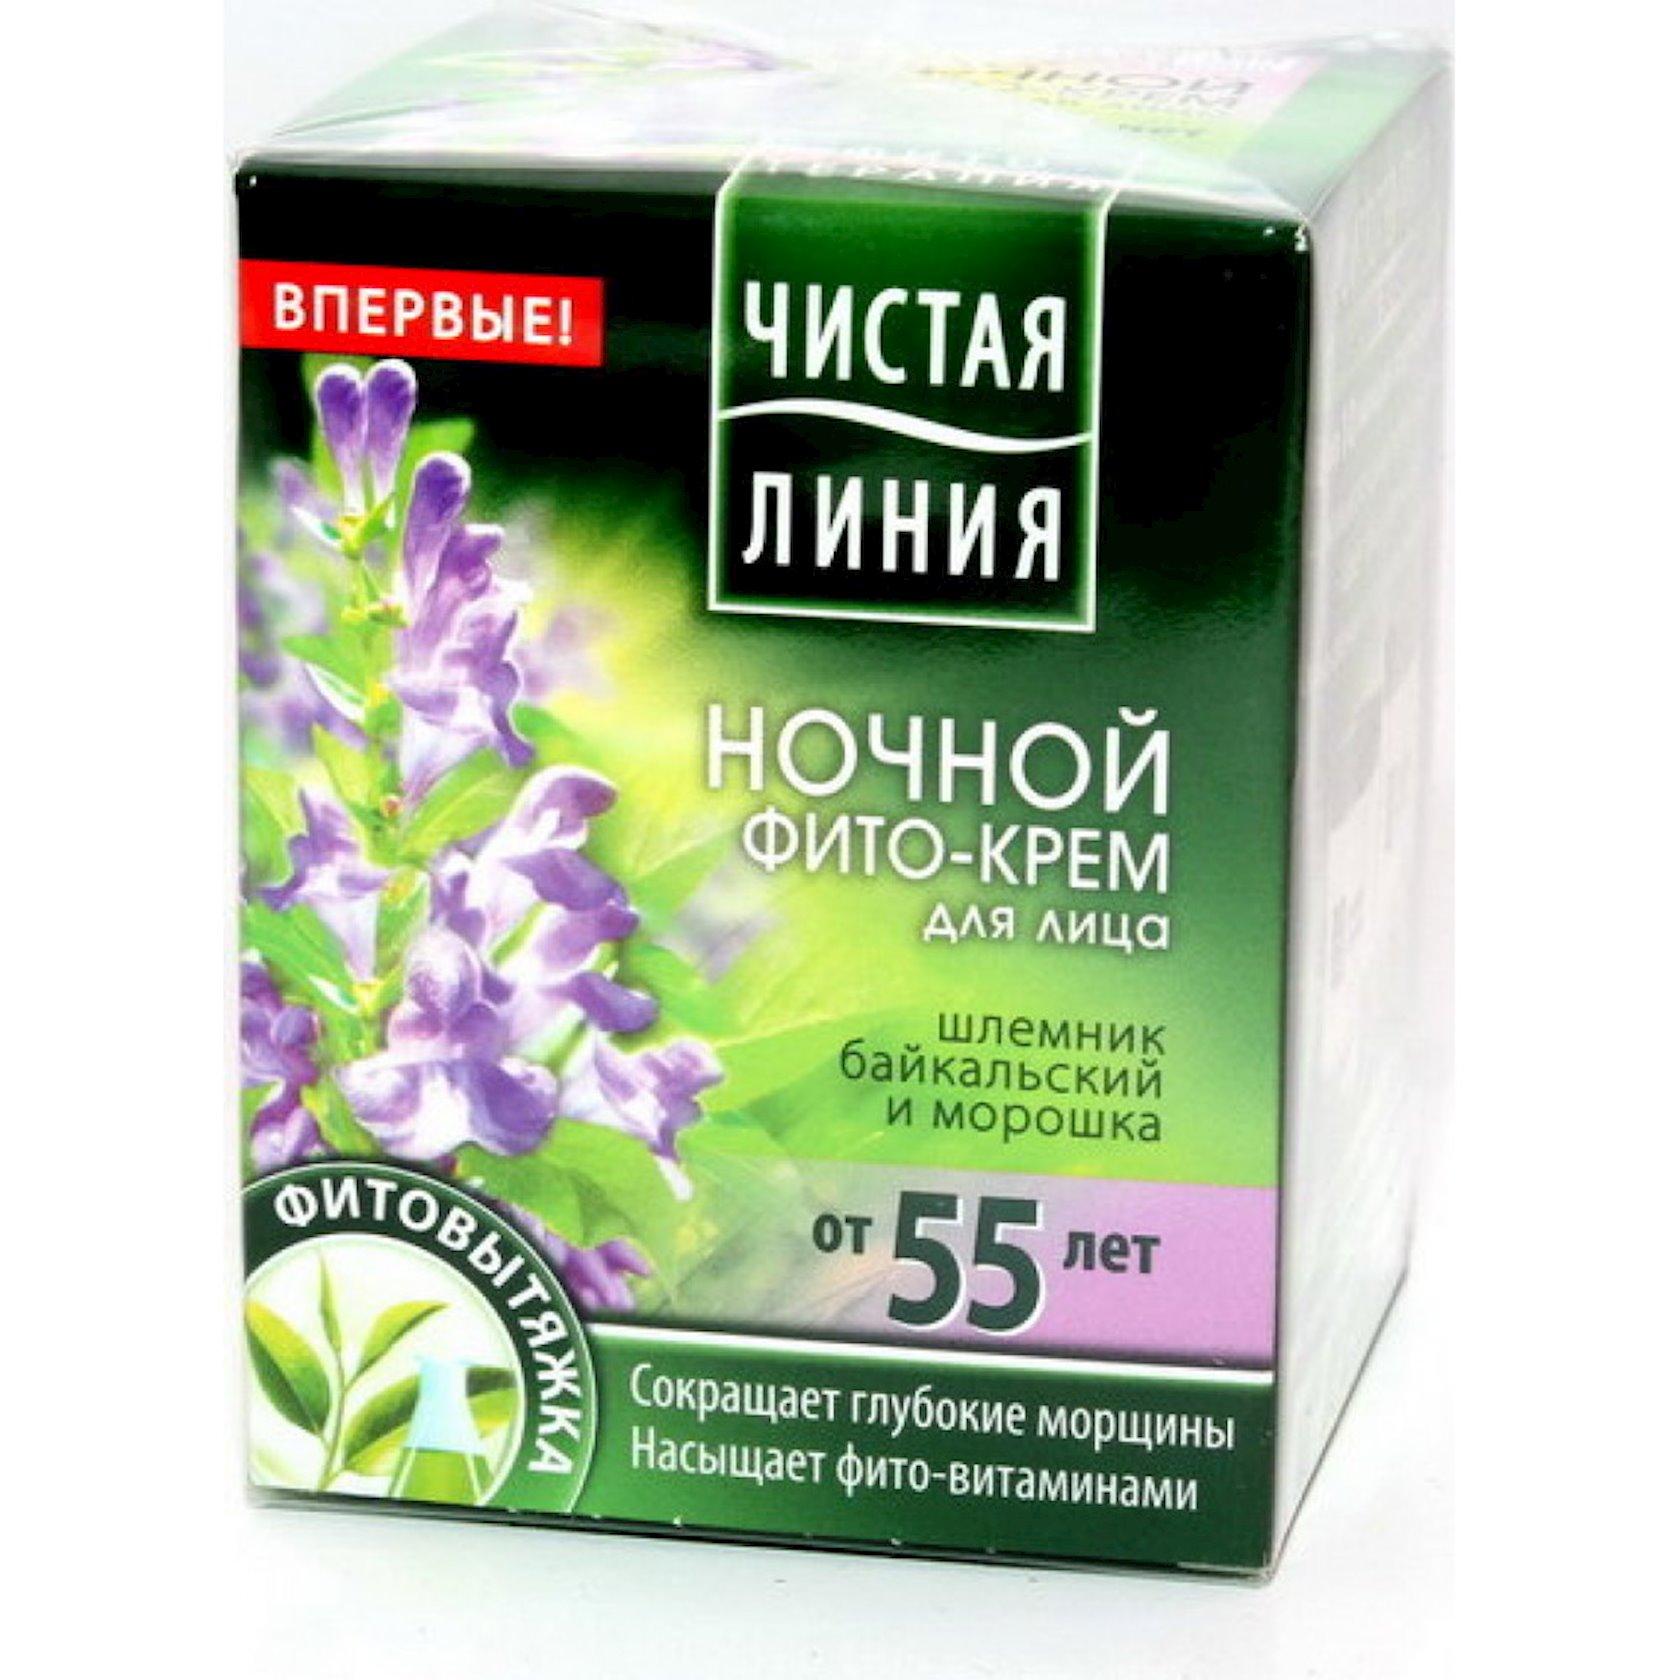 Gecə üz kremi Чистая Линия 55 yaşdan yuxarı , Scutellaria и sarı böyürtkən, 45 ml